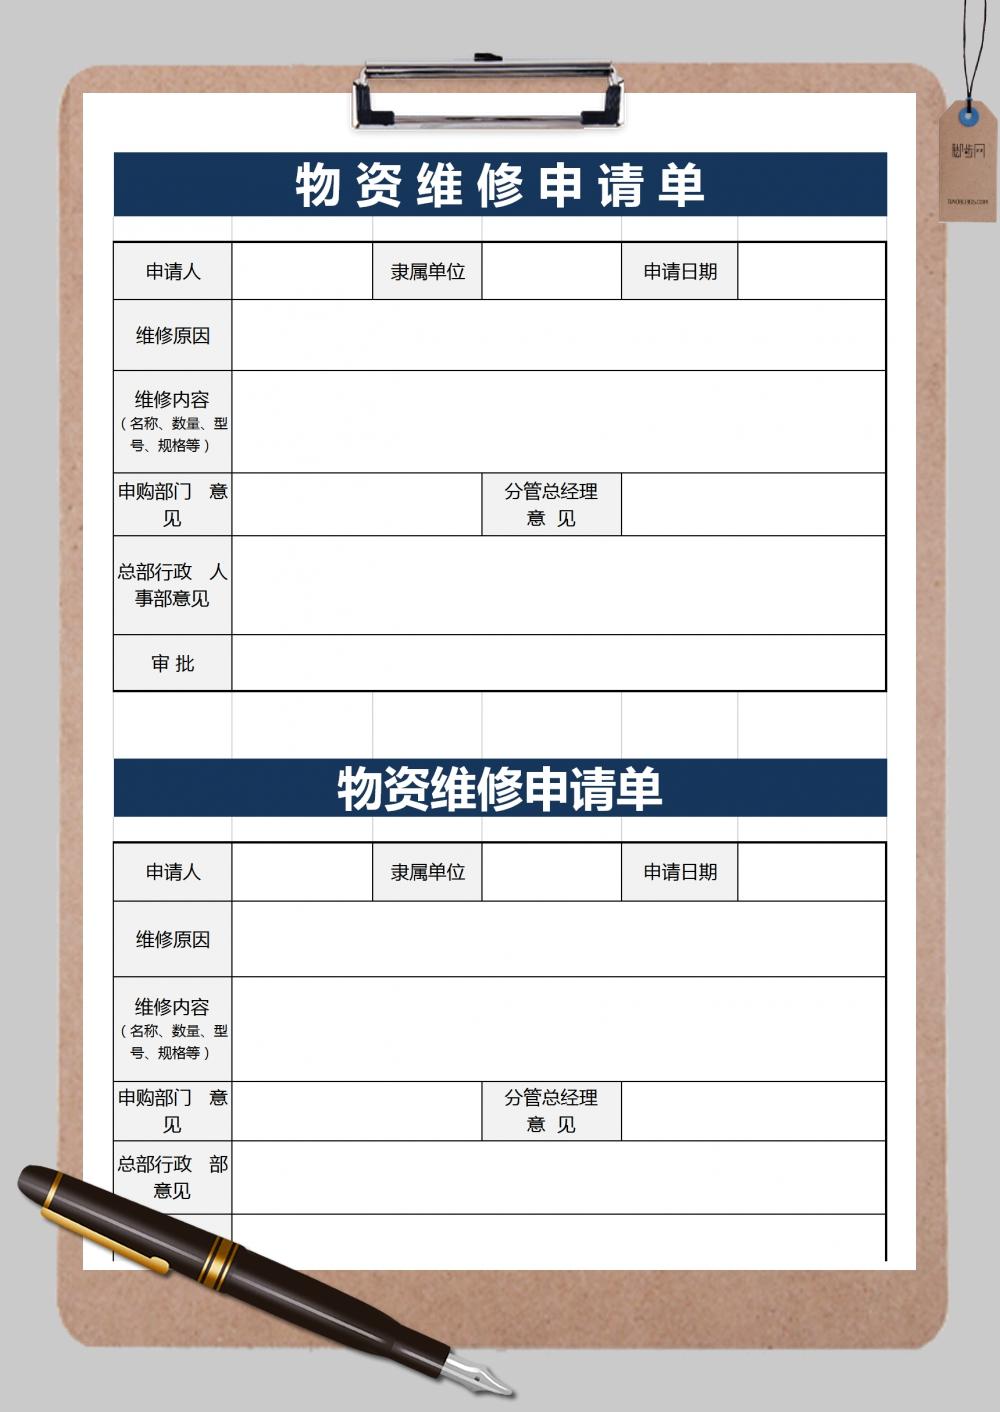 蓝色物资维修申请单Excel模板